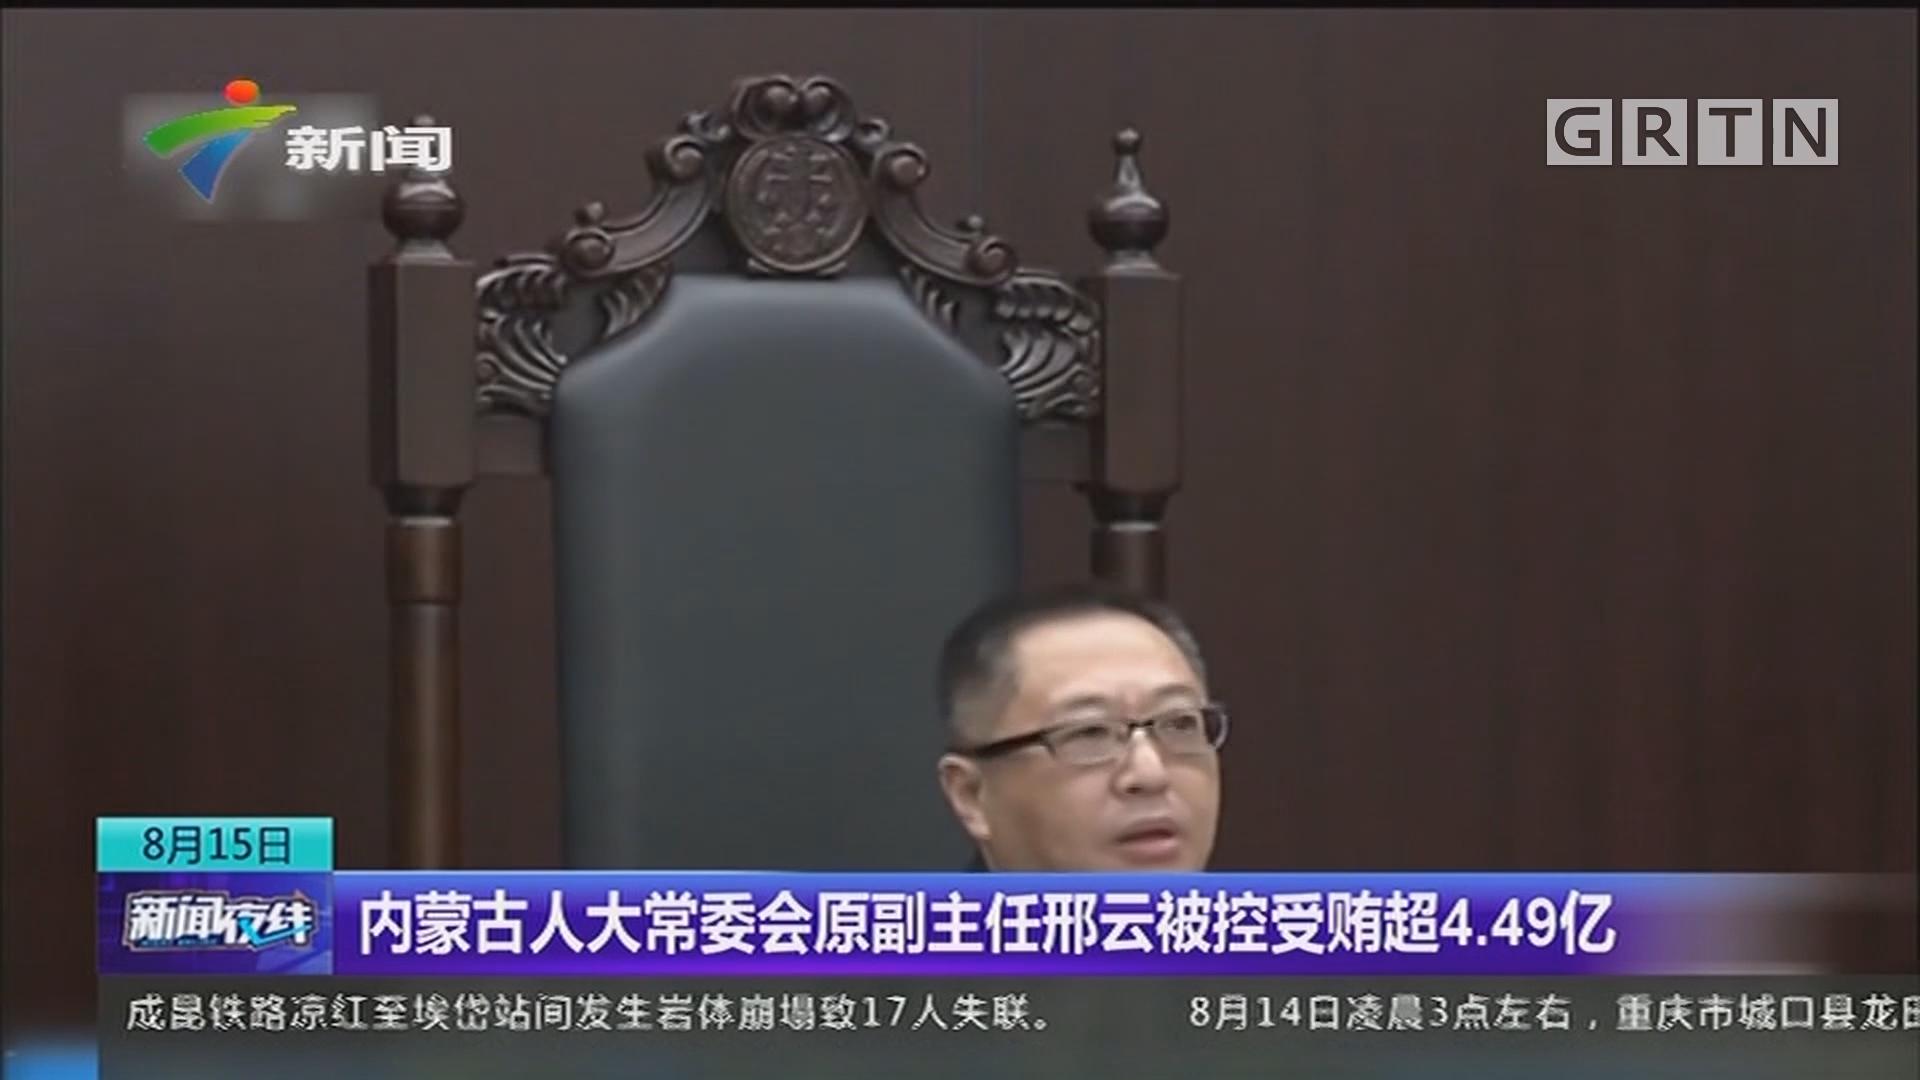 内蒙古人大常委会原副主任邢云被控受贿超4.49亿